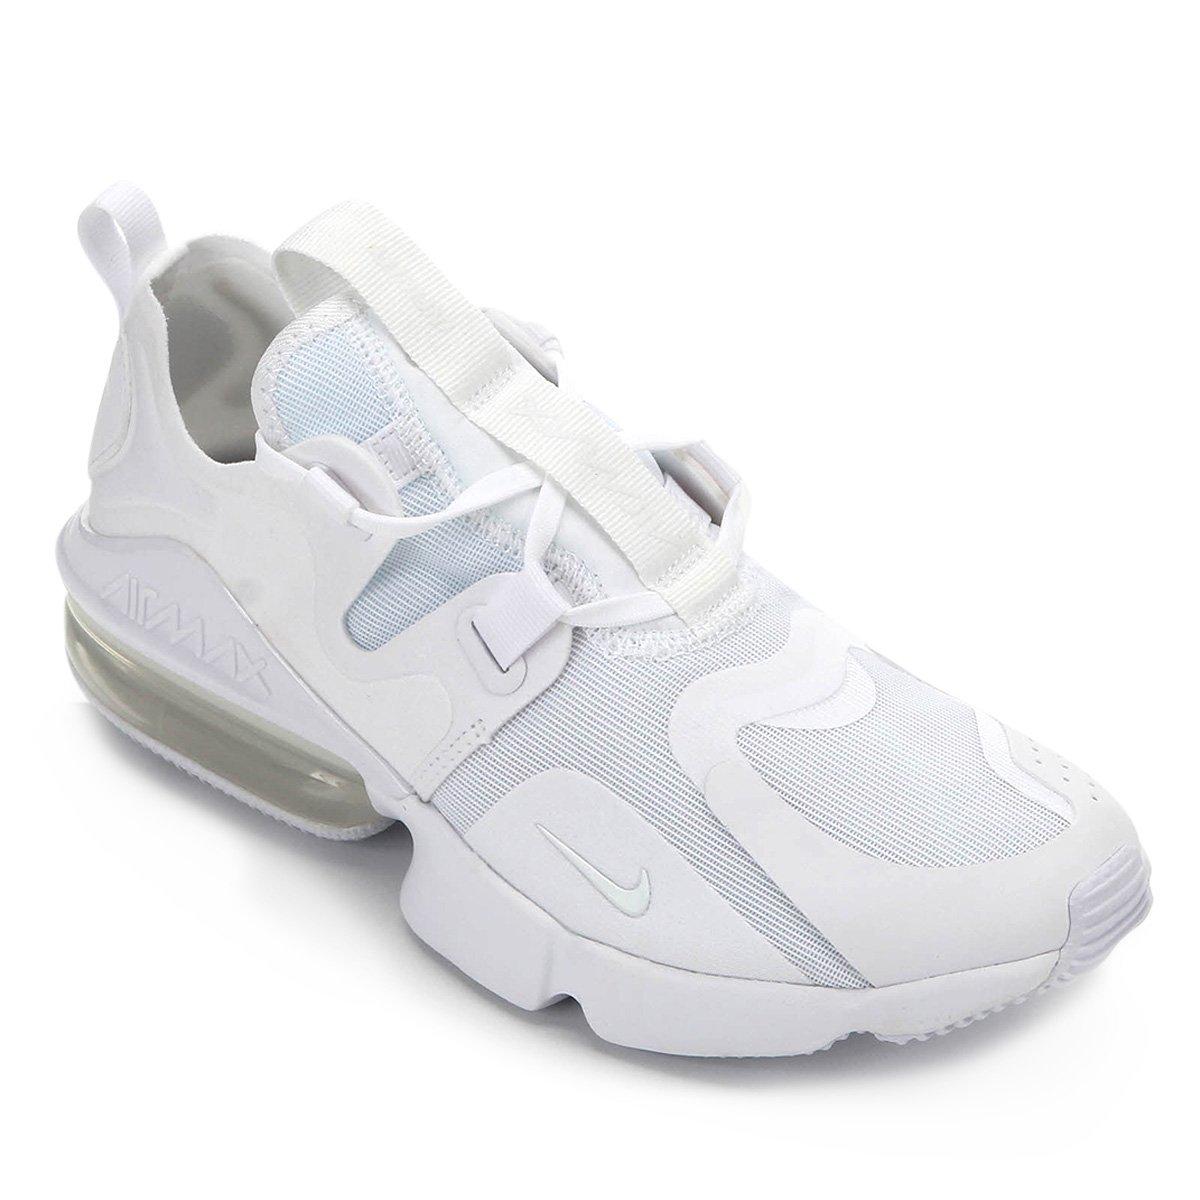 Tênis Nike Air Max Infinity Feminino Branco